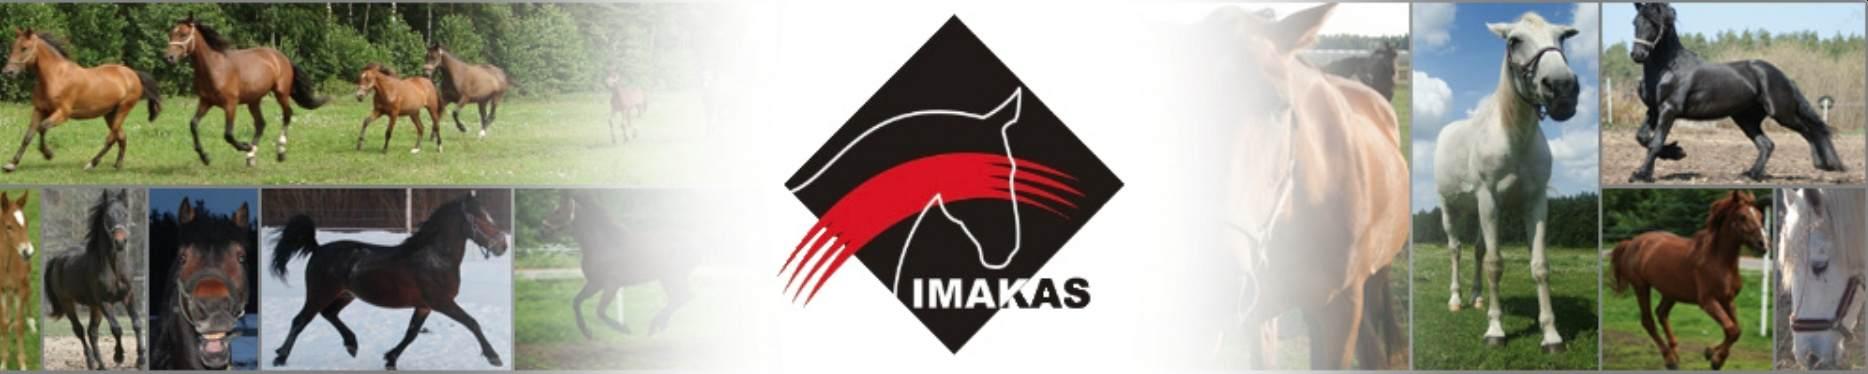 Imakas